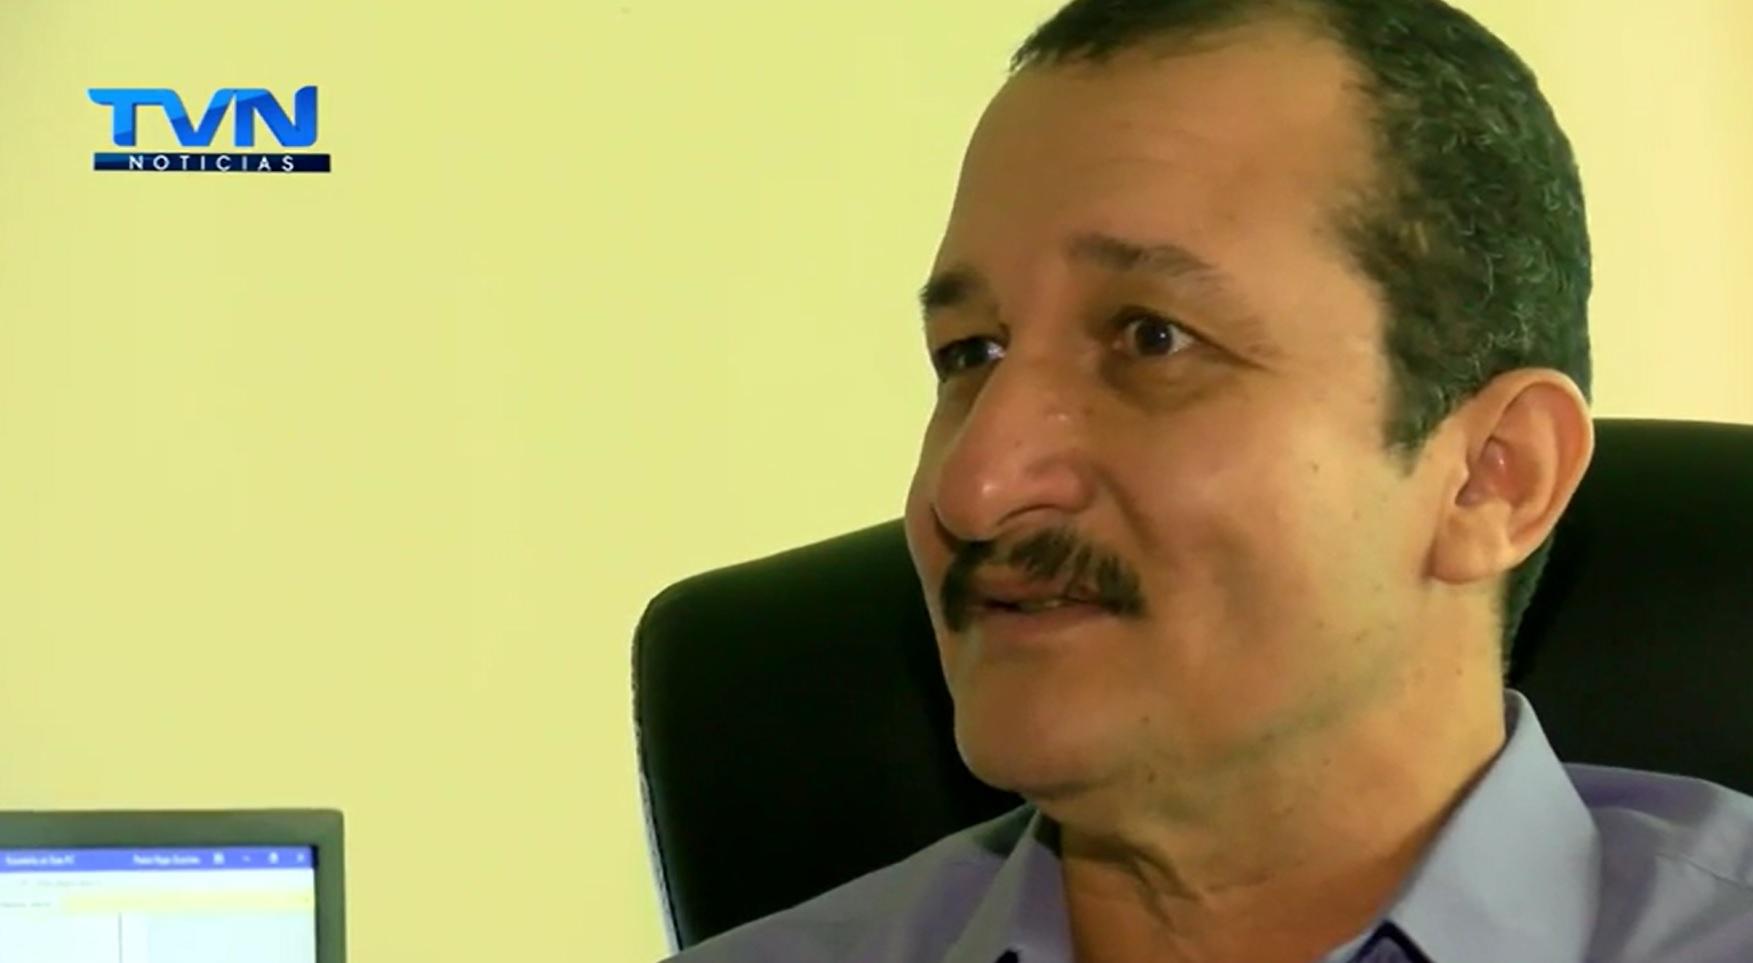 El alcalde de Sarapiquí Pedro Rojas aspira a una curul en la Asamblea Legislativa